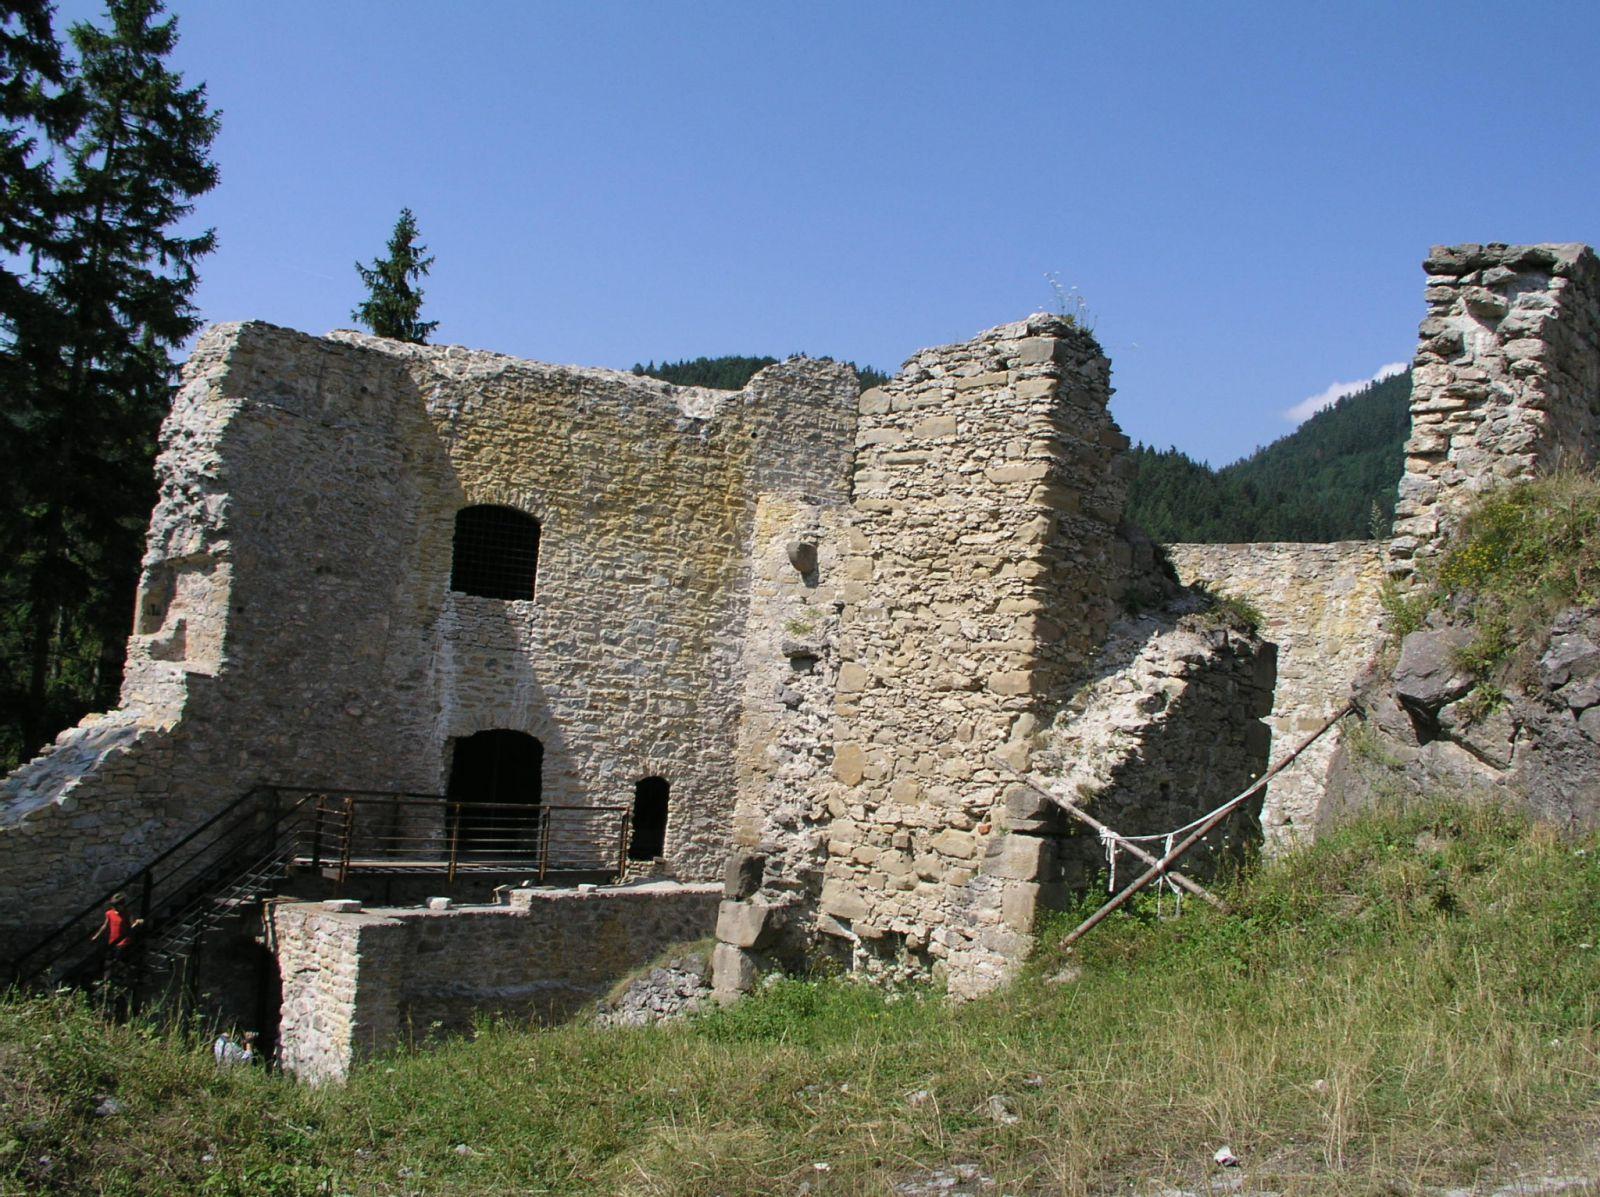 04 08 04 15.18.20 Hrad Likava   dolní hrad, vlevo věž U 2.brány